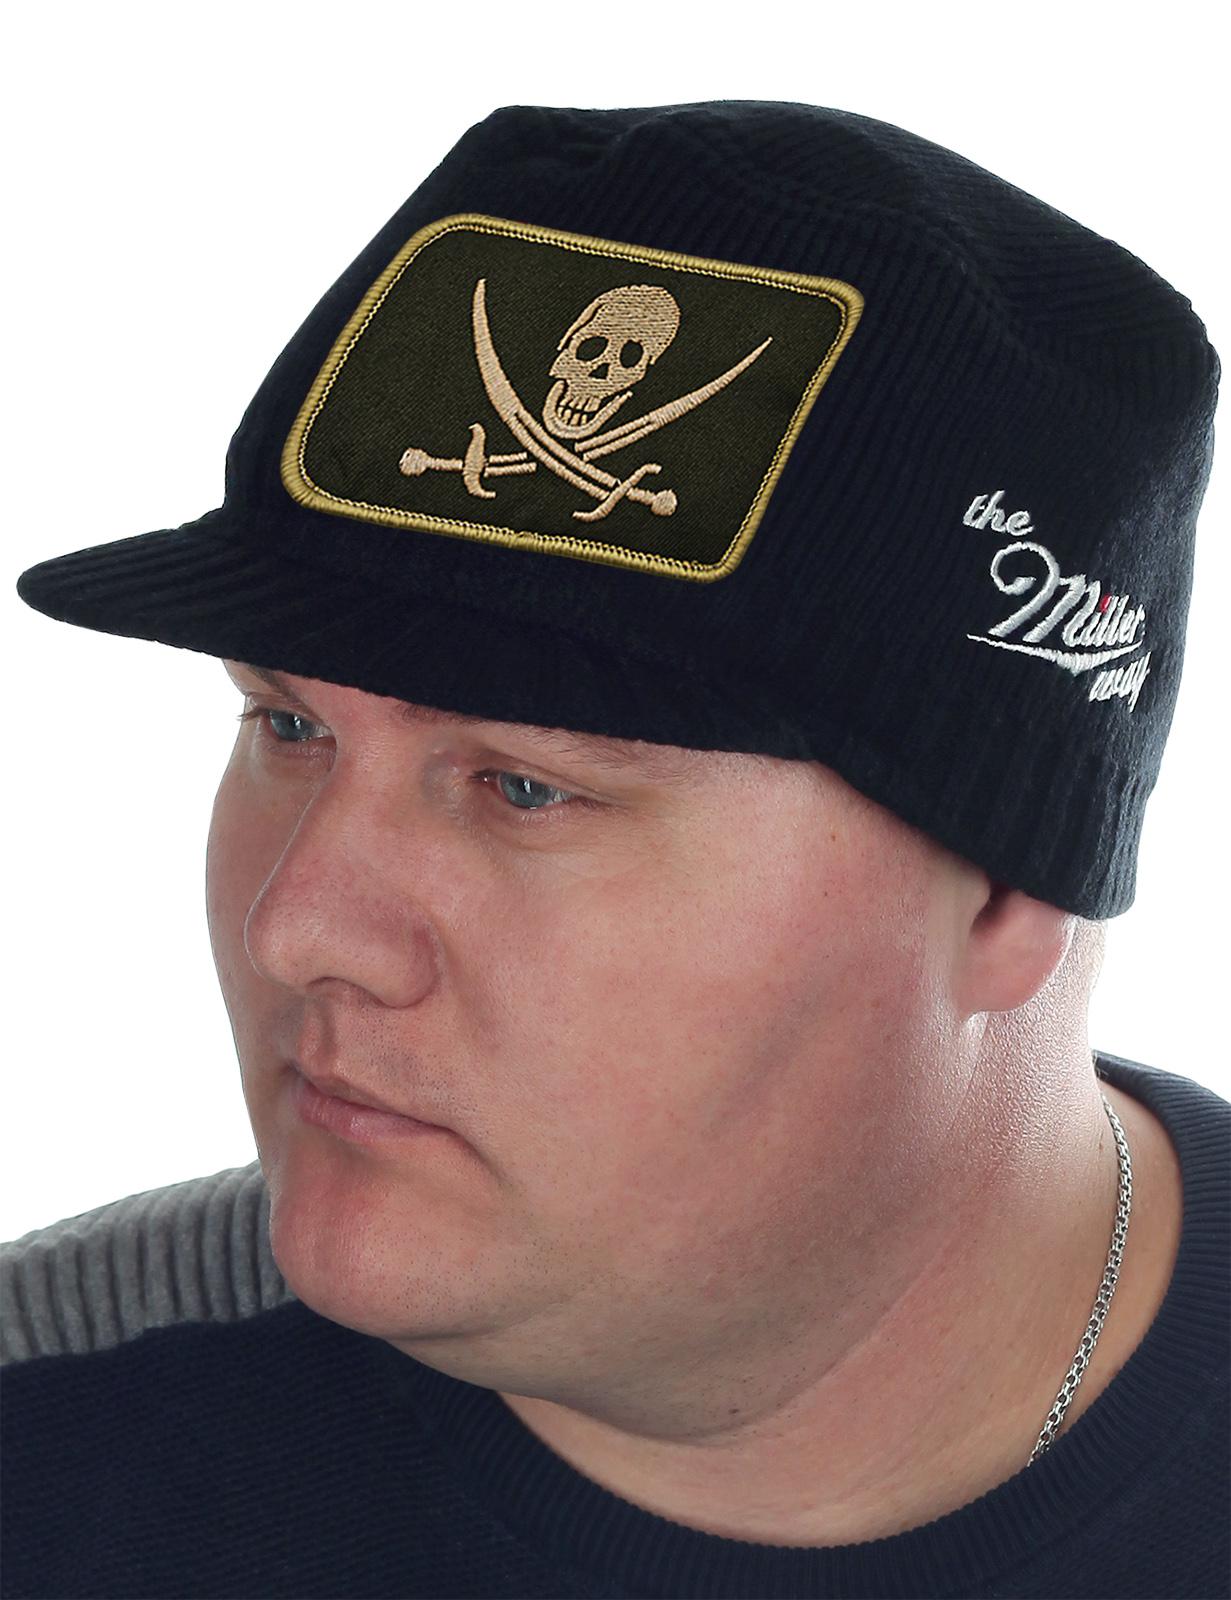 Эксклюзив для парней! Молодежная шапка-кепка Miller Way с Весёлым Роджером. Гладкая вязка правильной плотности создает комфортный микроклимат и в зимний мороз, и в осеннюю непогоду